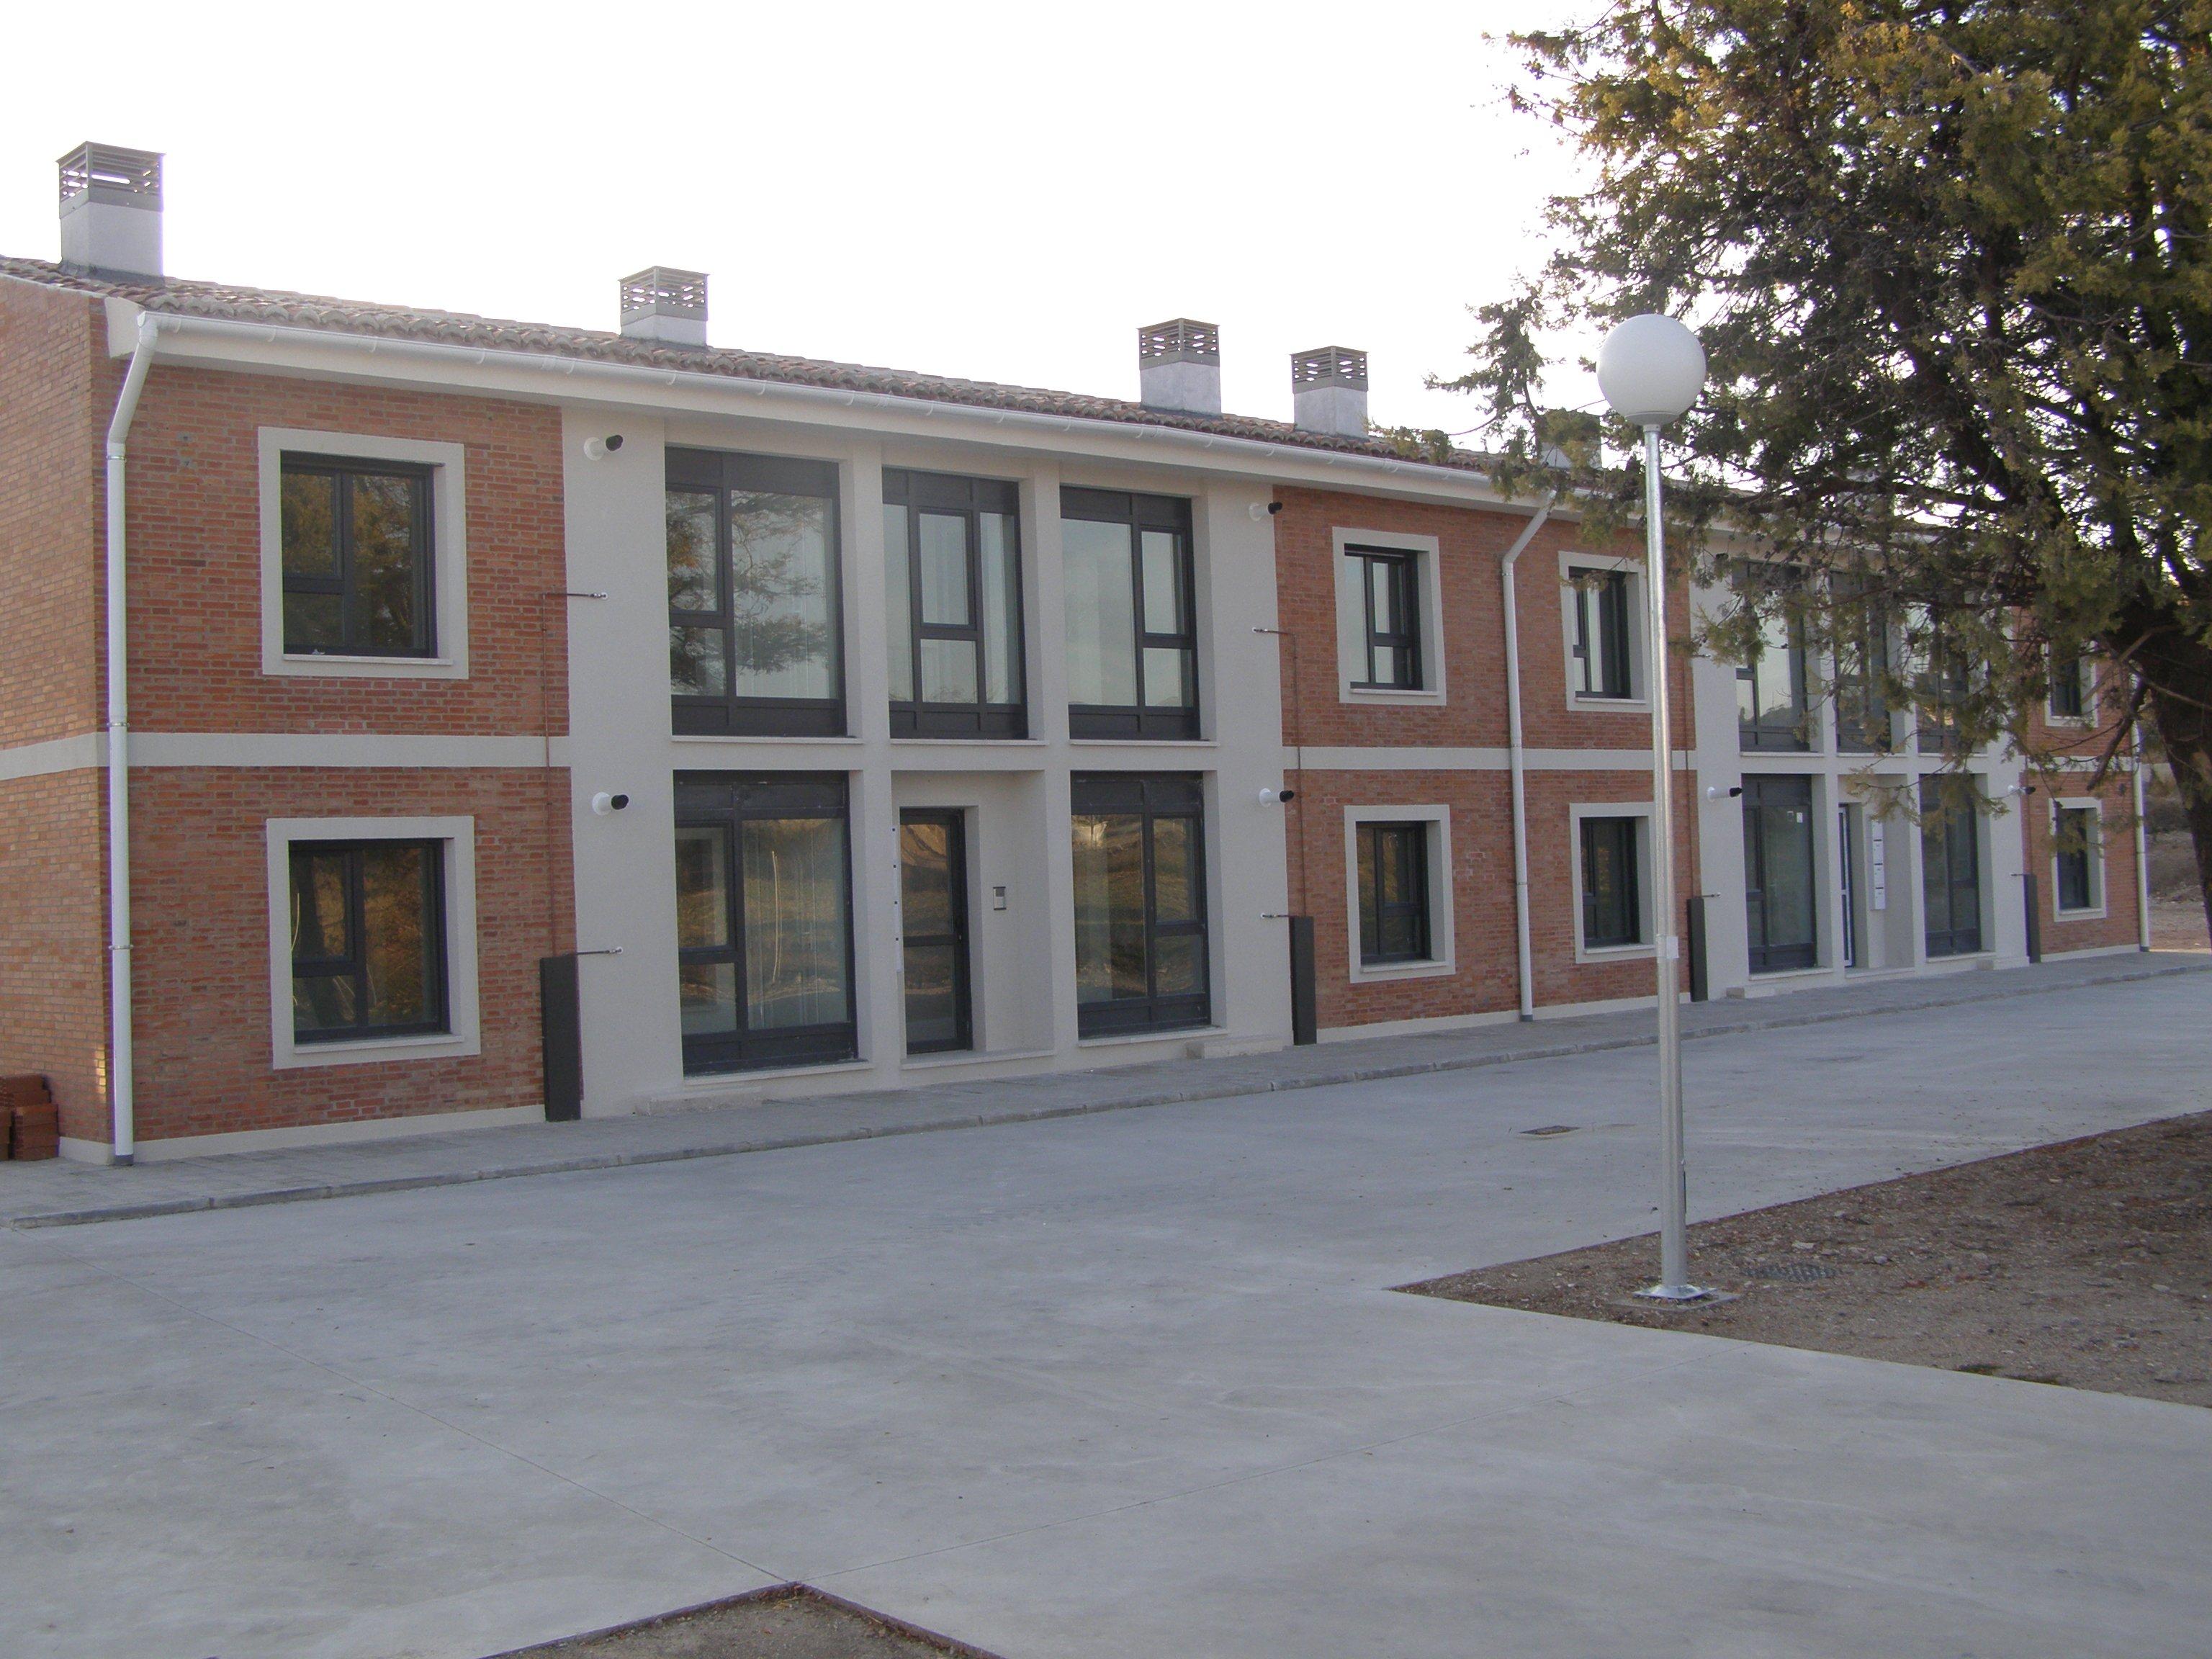 Edificios Pabellones acceso